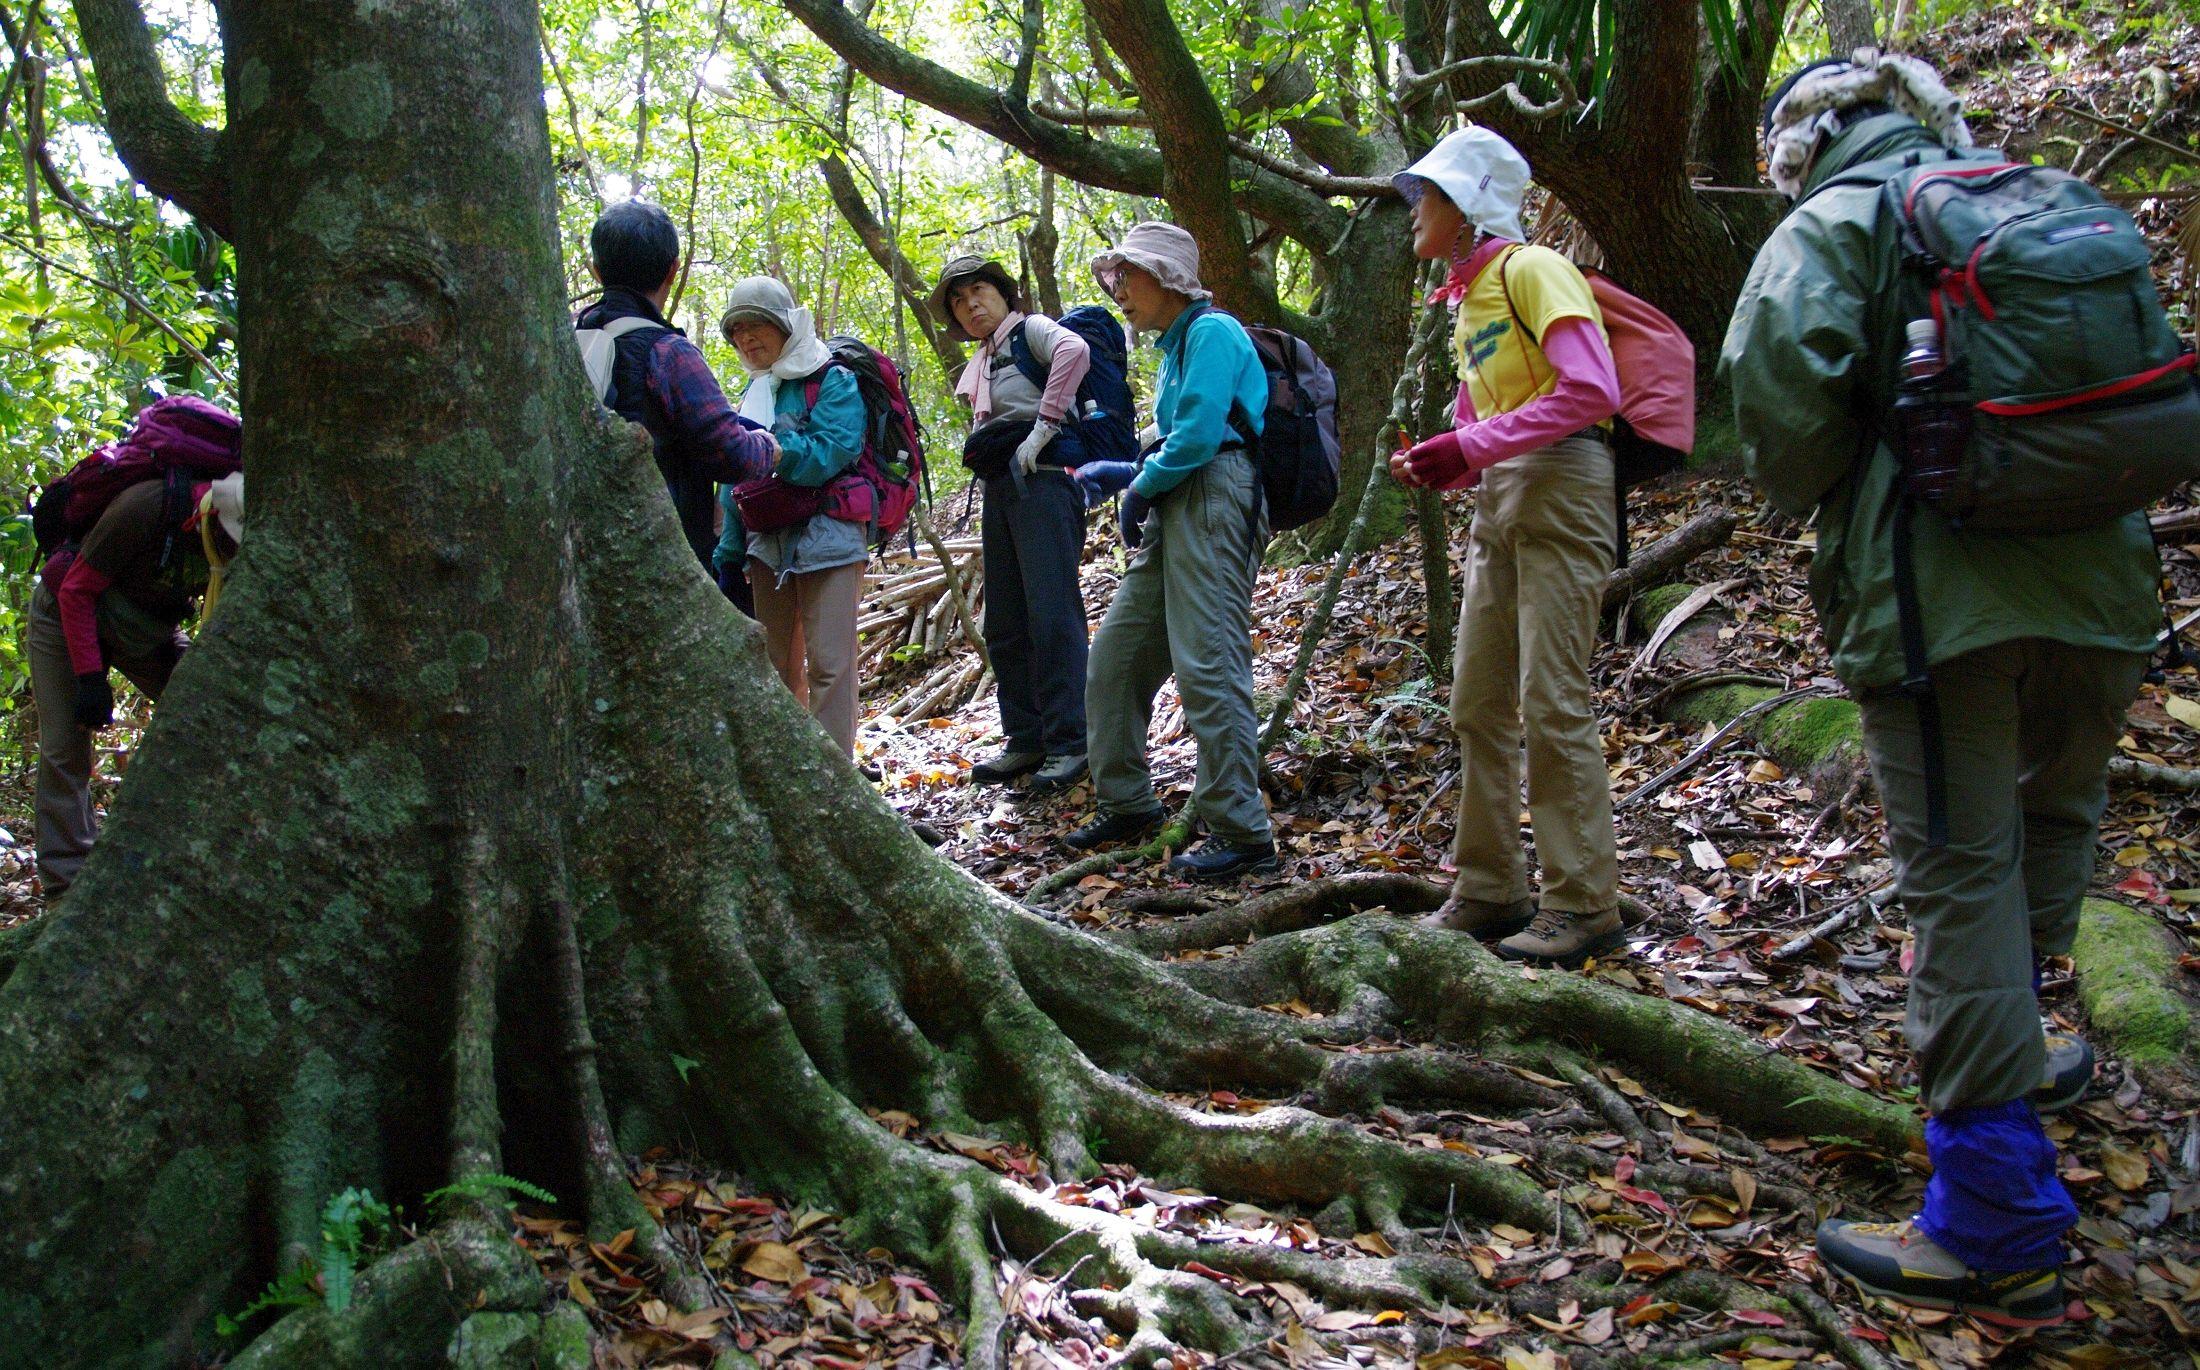 ジャングルの中、現地ガイドの詳しい解説を聞きながら歩きます